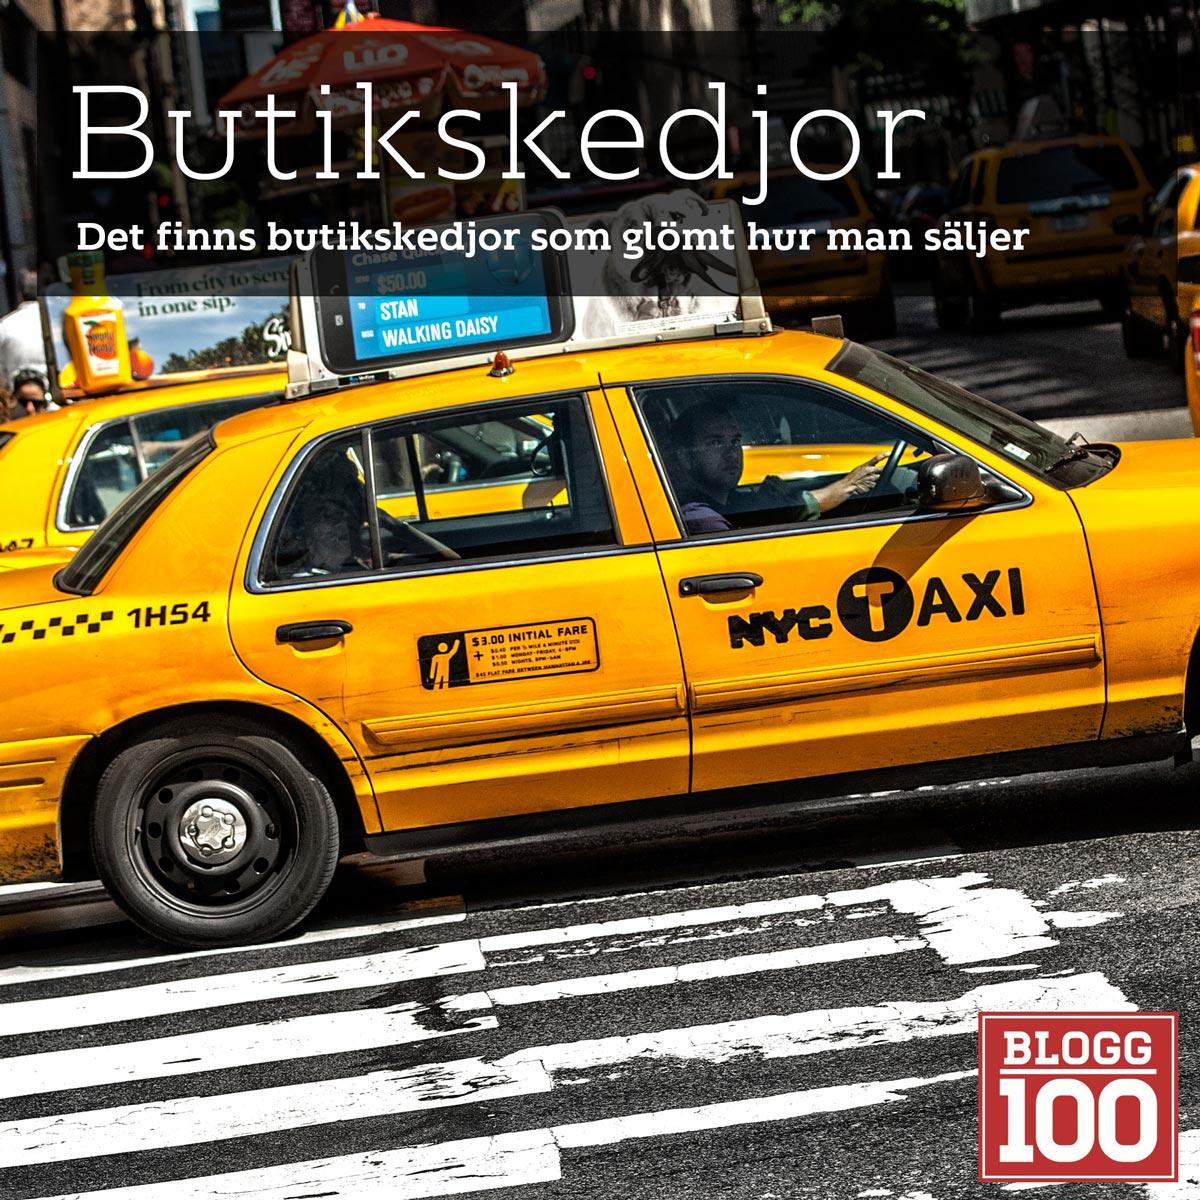 Butikskedjor kommer att dö ut #blogg100 #fb